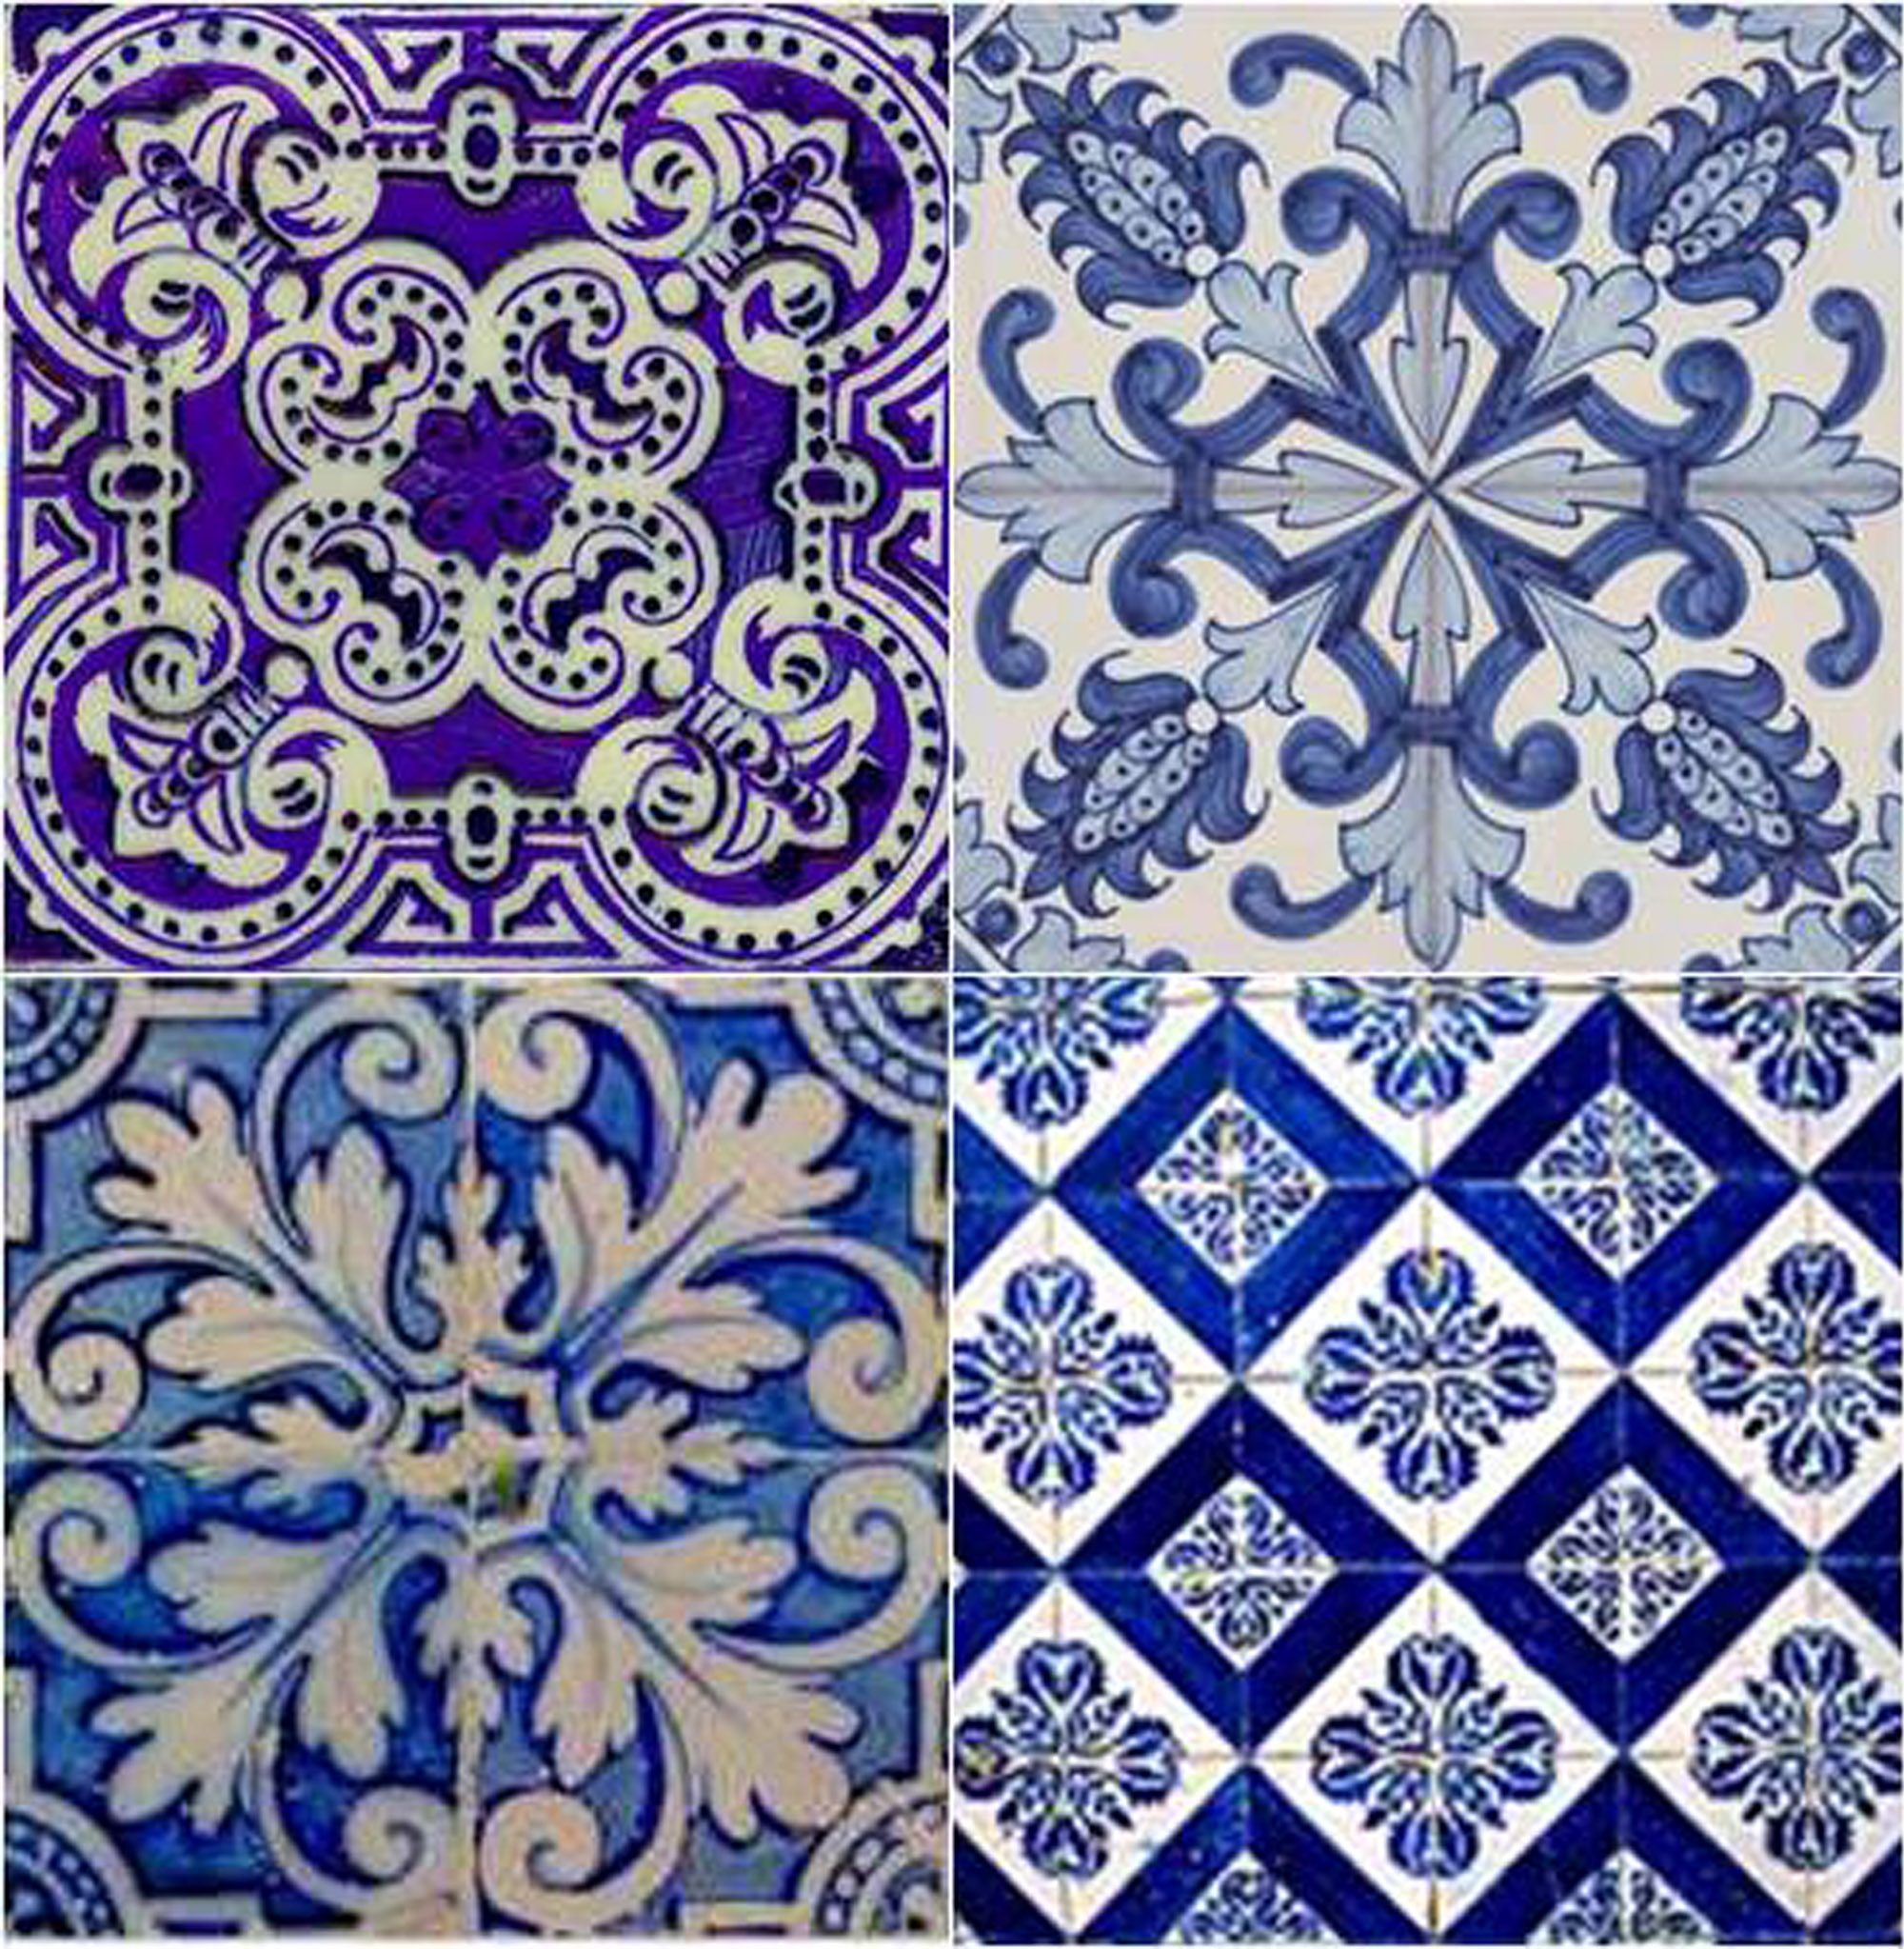 Azulejo portugu s vai candidatar se a patrim nio da for Azulejos de portugal